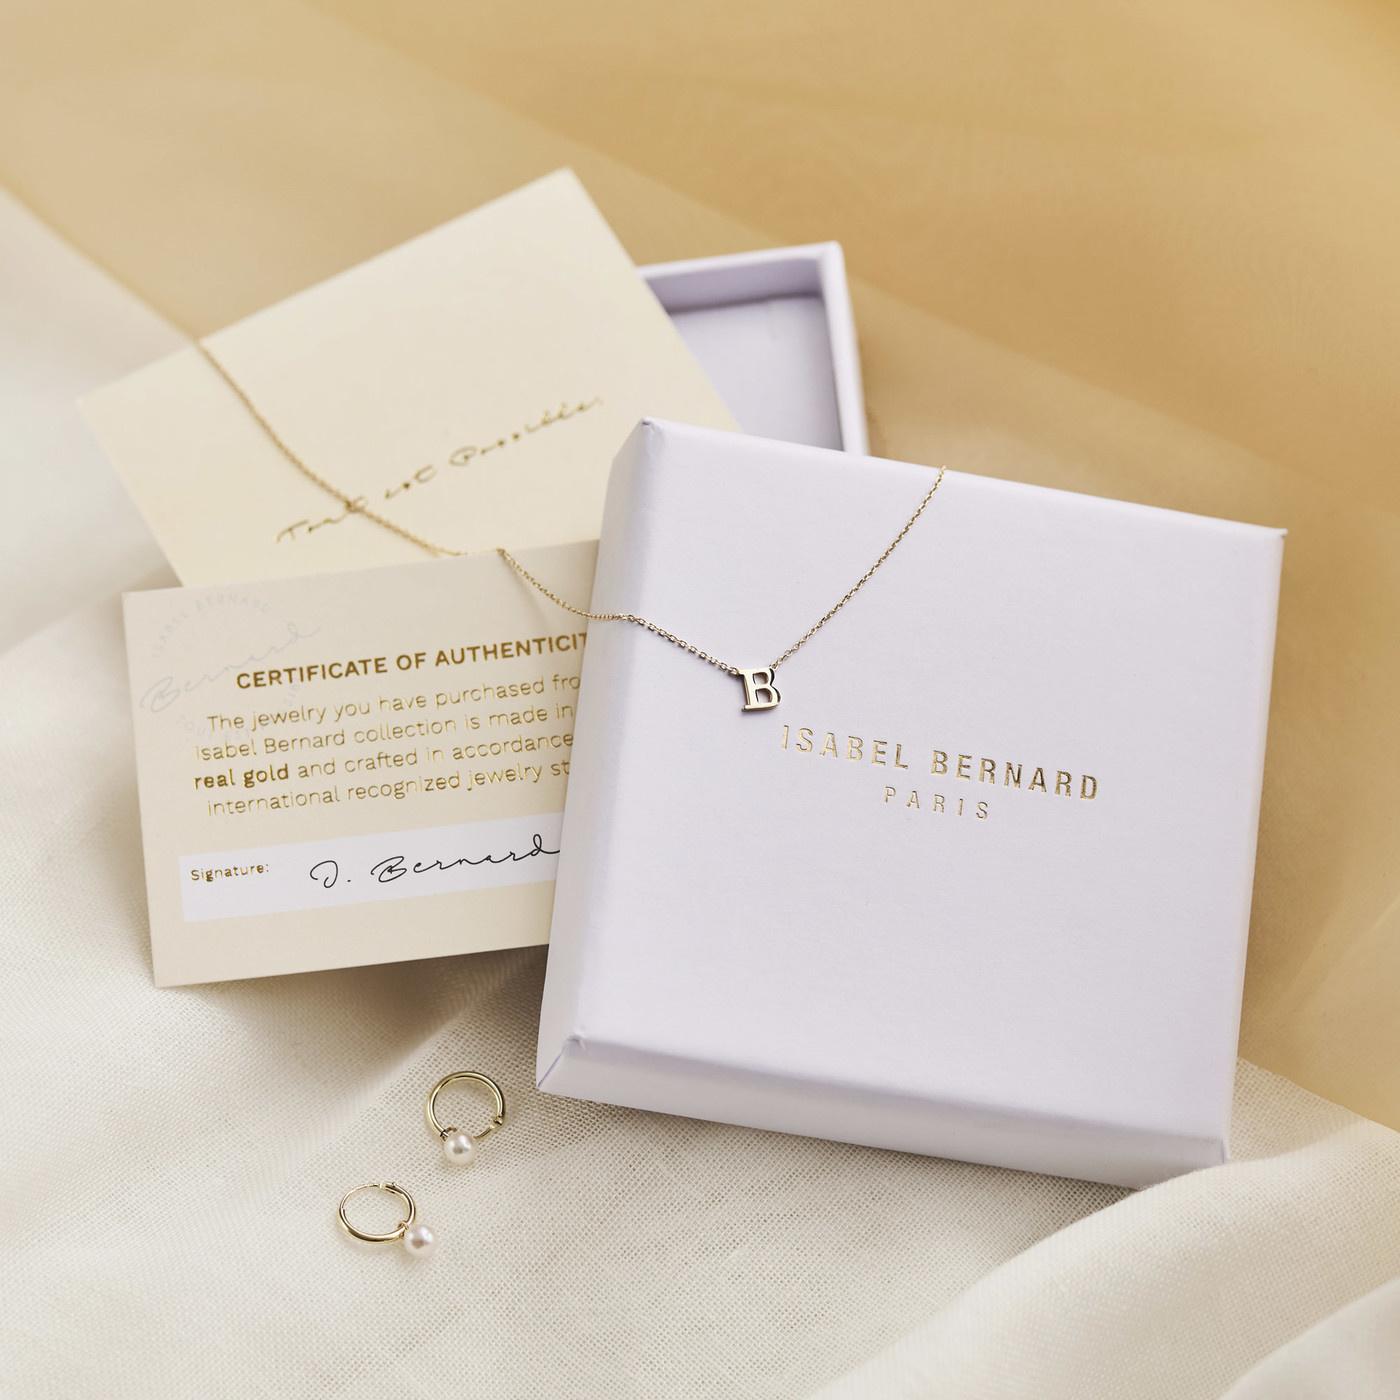 Isabel Bernard La Concorde Alix 14 karat rose gold bracelet with heart